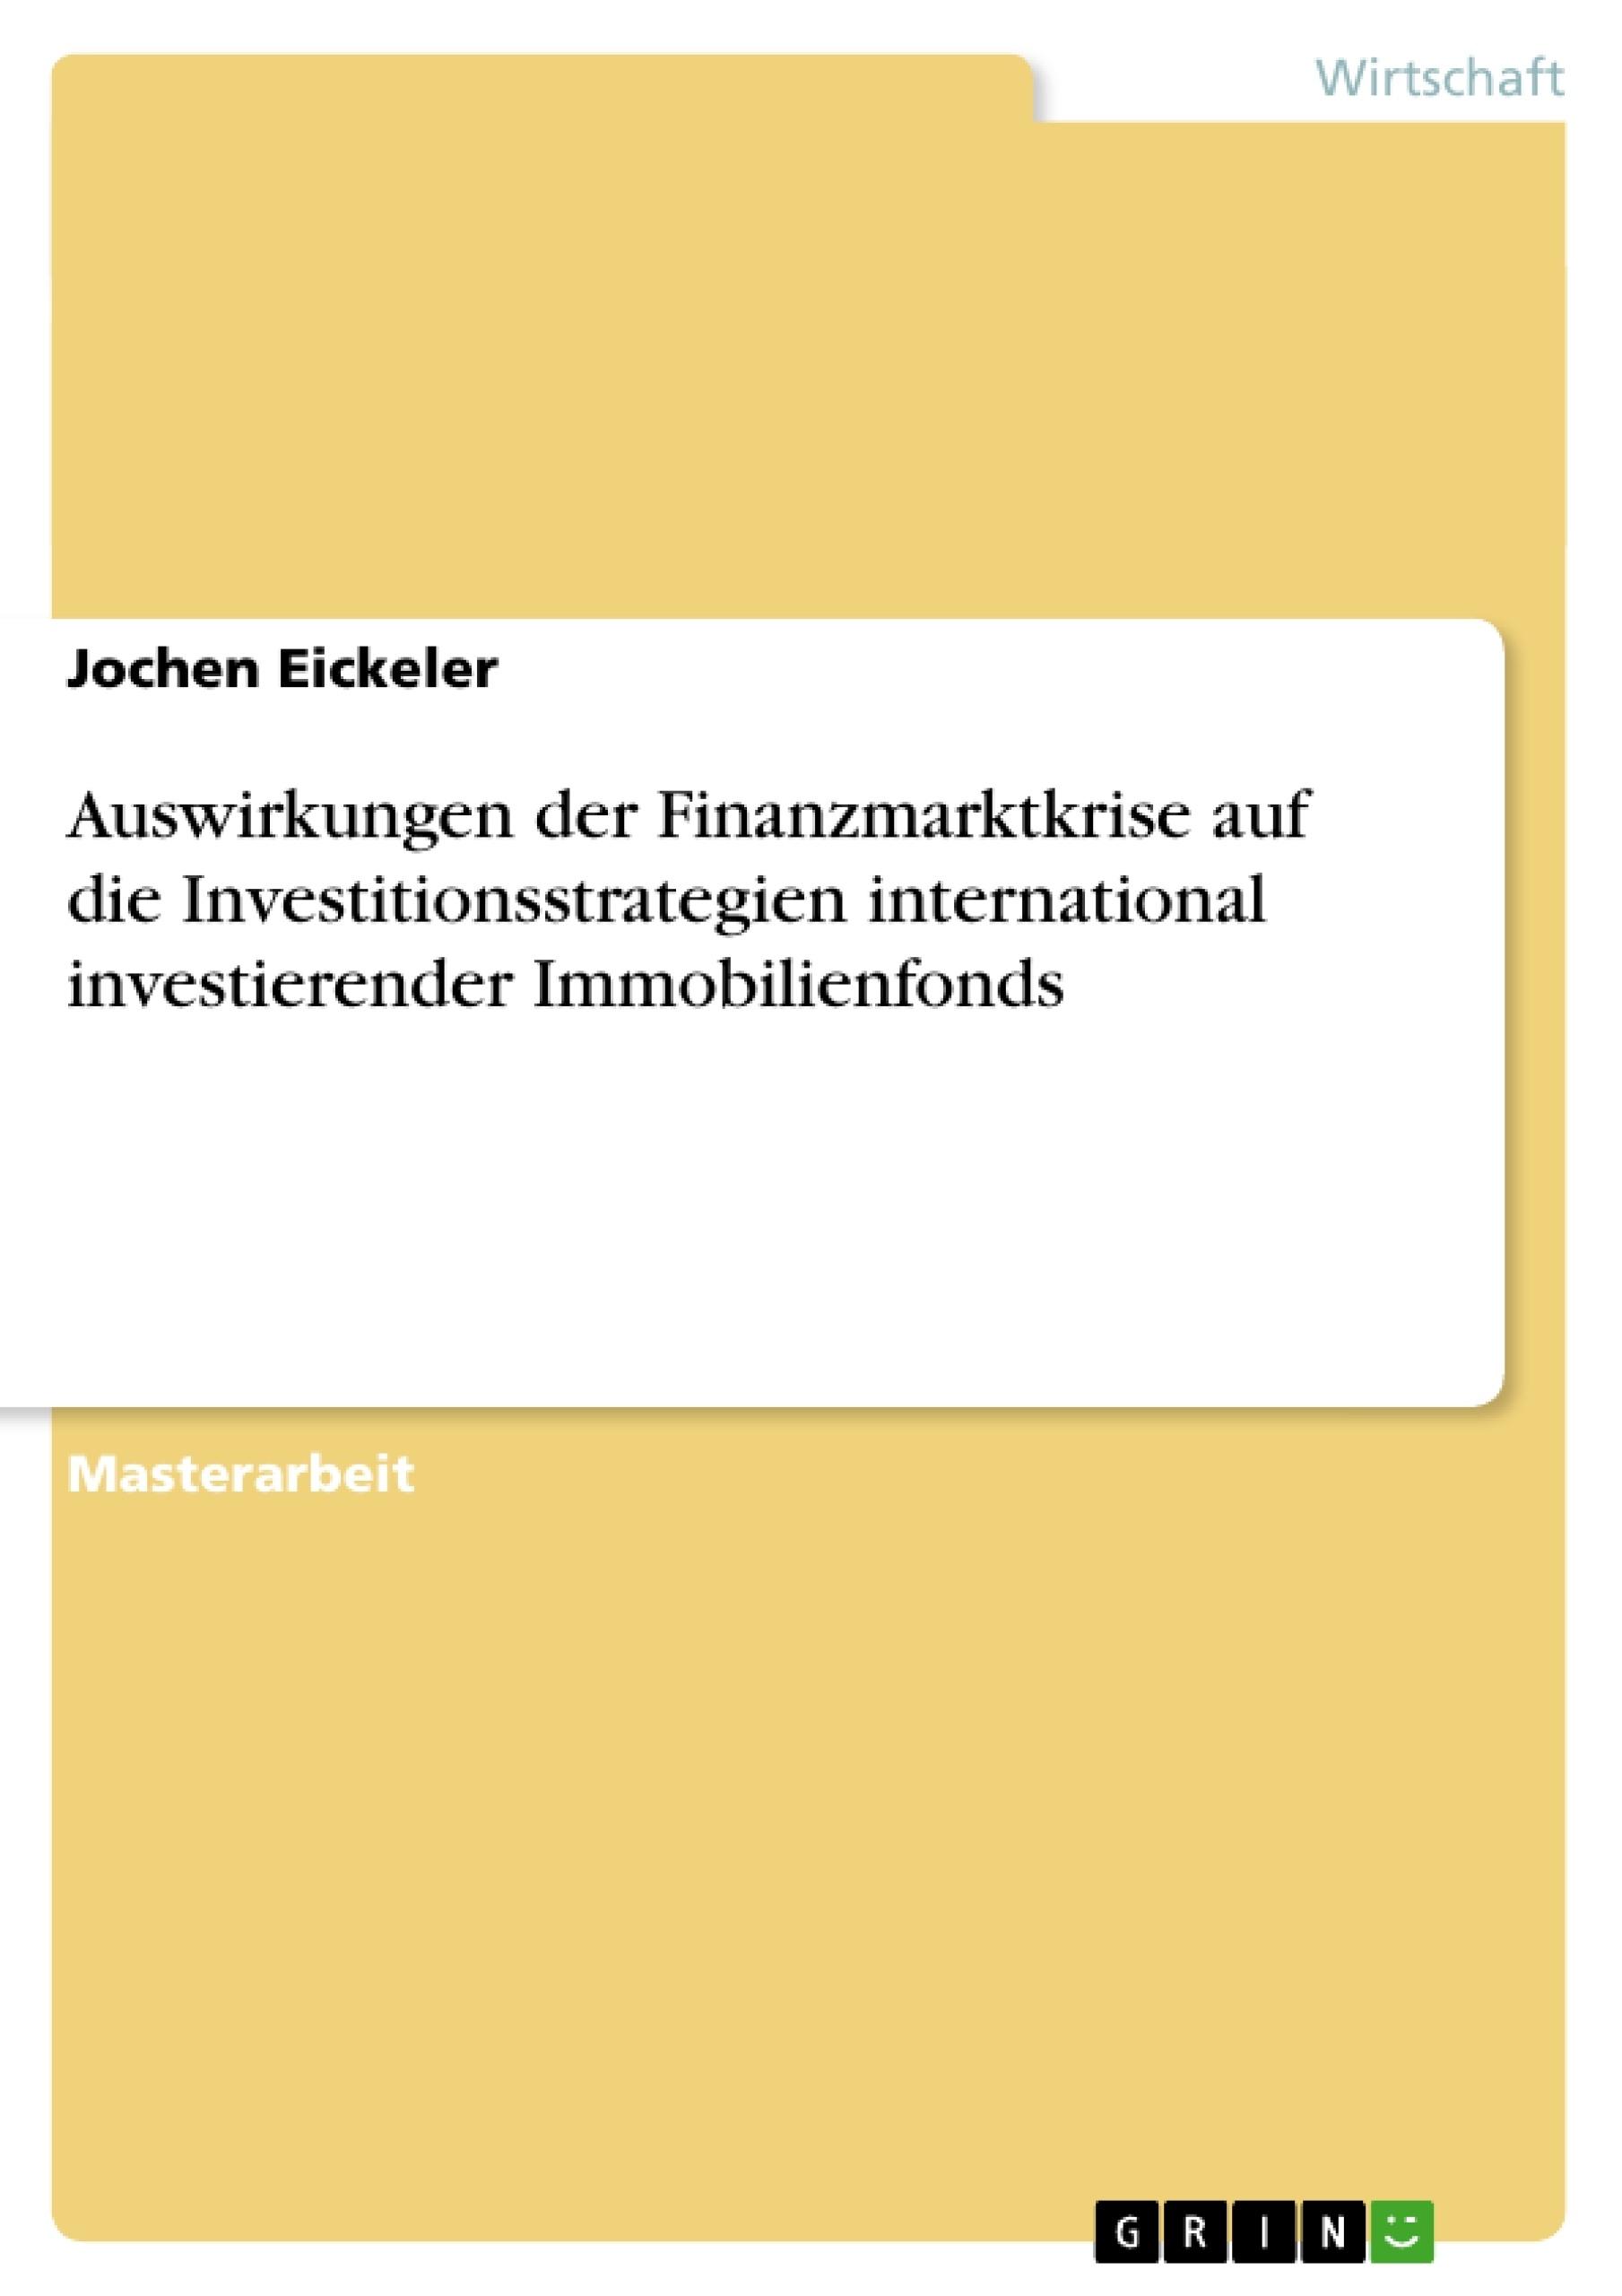 Titel: Auswirkungen der Finanzmarktkrise auf die Investitionsstrategien international investierender Immobilienfonds